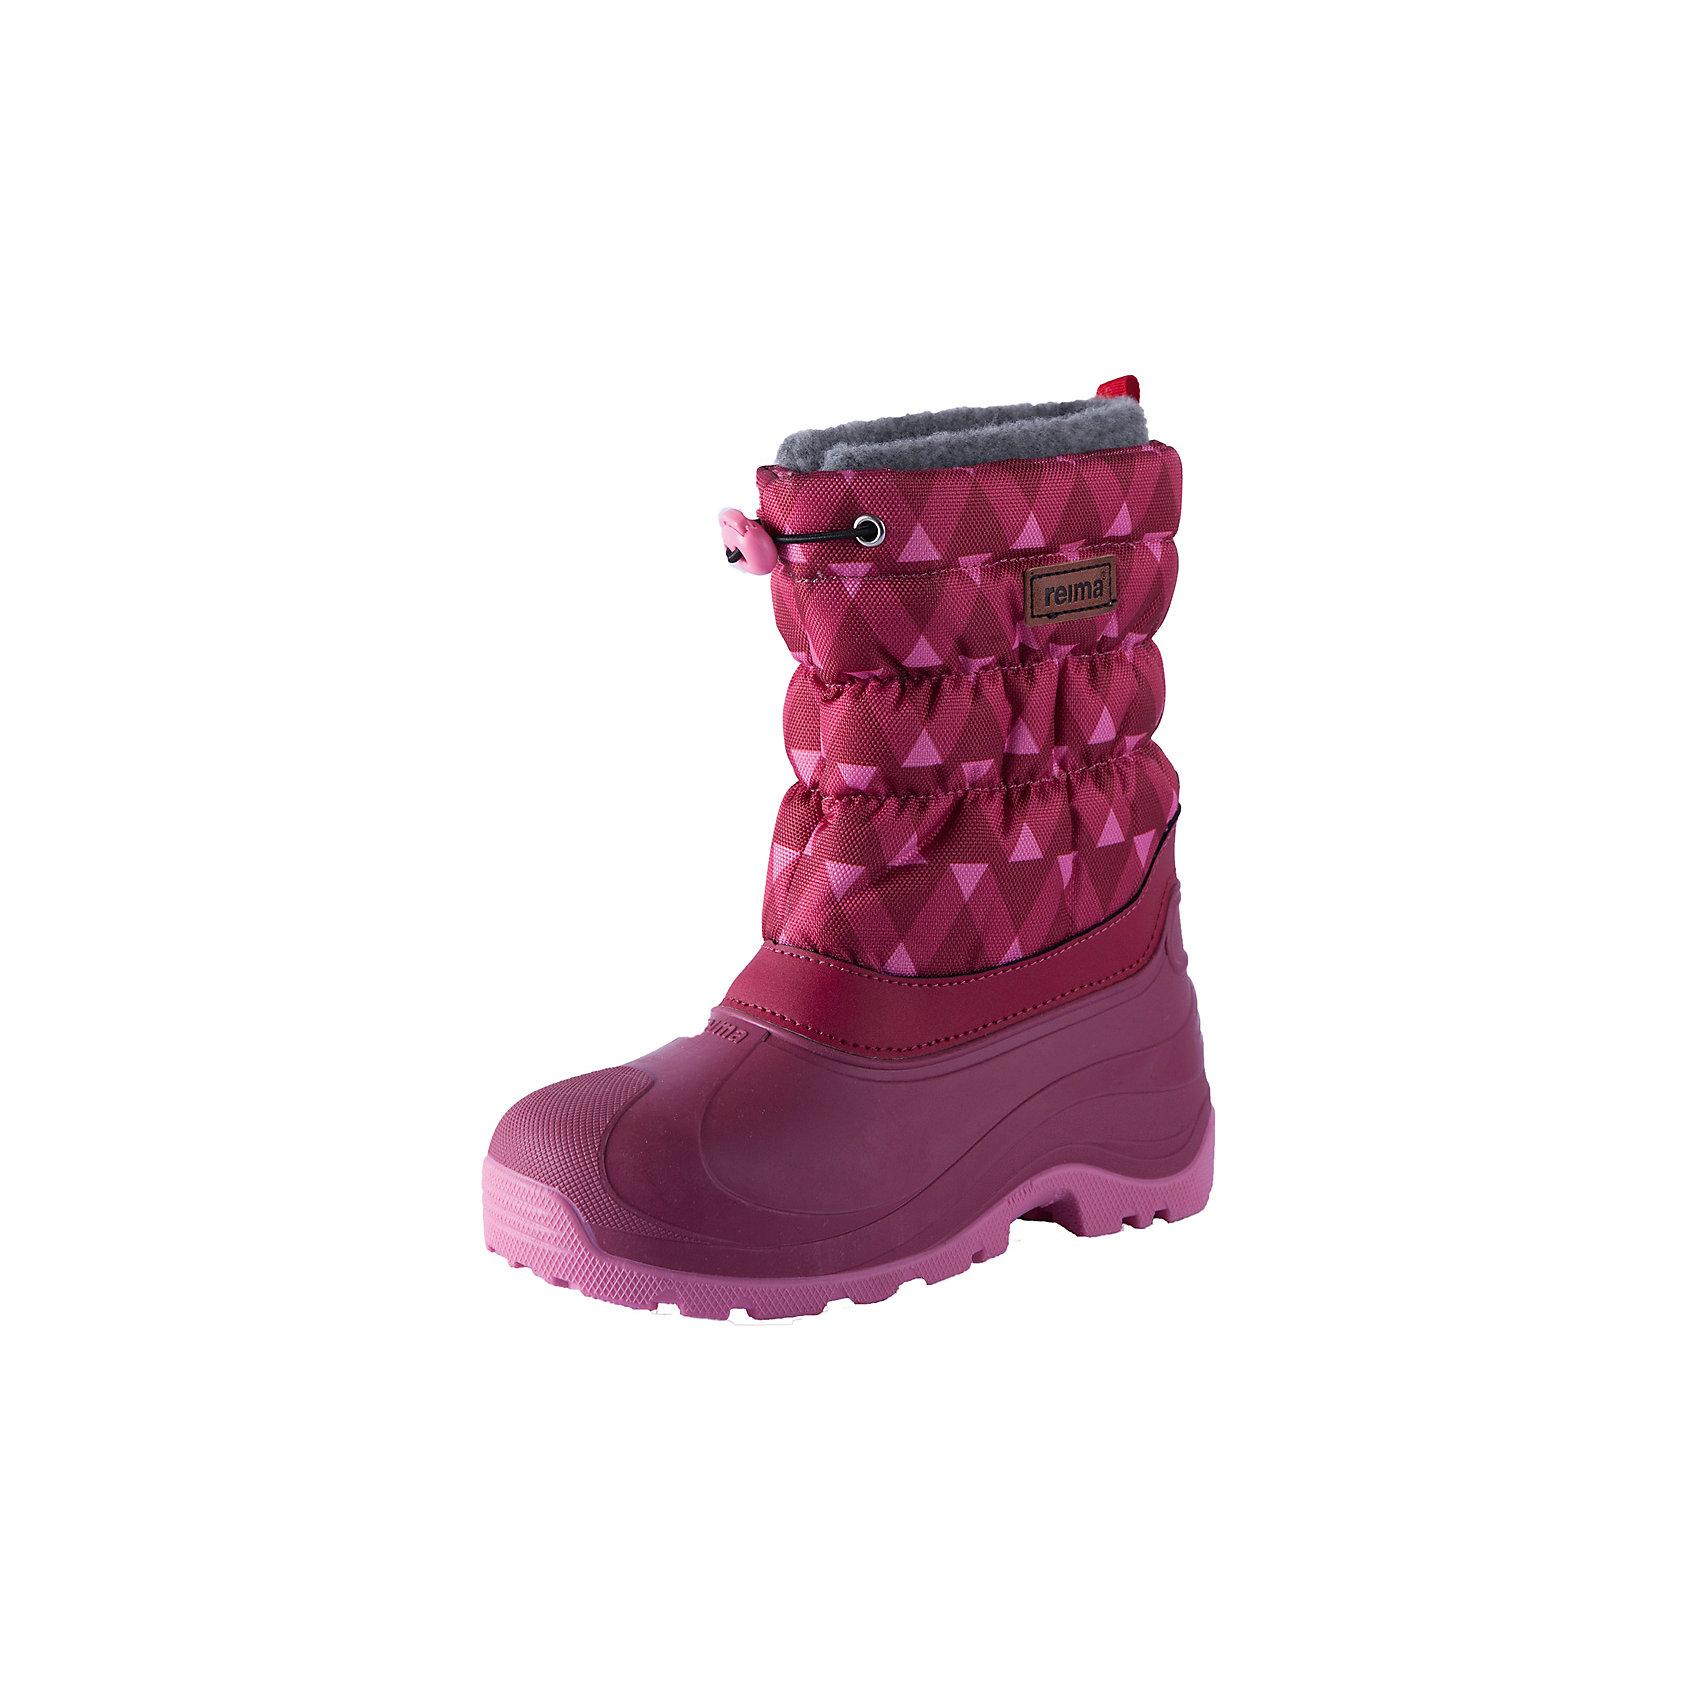 Ботинки Reima IvaloДемисезонные<br>Характеристики товара:<br><br>• цвет: розовый;<br>• внешний материал: полиэстер, полиуретан;<br>• внутренний материал: искусственный мех;<br>• стелька: искусственный мех;<br>• подошва: полиуретан, термопластичная резина;<br>• сезон: зима;<br>• температурный режим: от 0 до -25С;<br>• водоотталкивающая зимняя обувь с водонепроницаемыми галошами;<br>• легкая утепленная галоша из полиуретана;<br>• подошва из термопластичной резины;<br>• подкладка из искусственного меха;<br>• съемный внутренний сапожок;<br>• легко надеваются на ноги;<br>• шнурок-утяжка со стопером по верху сапог;<br>• легкие и водонепроницаемые литые галоши;<br>• алюминиевая стелька для улучшения теплоизоляции;<br>• светоотражающие элементы;<br>• страна бренда: Финляндия;<br>• страна производства: Италия.<br><br>Водоотталкивающие, теплые высококачественные зимние ботинки. Сноубутсы отлично подходят для игр в снегу, а еще они пригодятся а дождь и слякоть – галоша сделана из абсолютно непромокаемой и прочной термопластичной резины. Эти ботинки быстро и легко надеваются, а благодаря регулируемой защите от снега на голенище, станут надежным барьером от снега. <br><br>Подошва изготовлена из термопластичной резины, которая обеспечивает хорошее сцепление на любой поверхности. Дышащая и теплая подкладка из искусственного меха отлично согревает ноги, а алюминиевая внутренняя подошва обеспечивает дополнительную теплоизоляцию. Практичный съемный носок пригоден для машинной стирки.<br><br>Ботинки Ivalo Reima (Рейма) можно купить в нашем интернет-магазине.<br><br>Ширина мм: 262<br>Глубина мм: 176<br>Высота мм: 97<br>Вес г: 427<br>Цвет: розовый<br>Возраст от месяцев: 60<br>Возраст до месяцев: 72<br>Пол: Унисекс<br>Возраст: Детский<br>Размер: 32/33,20/21,34/35,22/23,24/25,26/27,28/29,36/37,30/31<br>SKU: 6905028